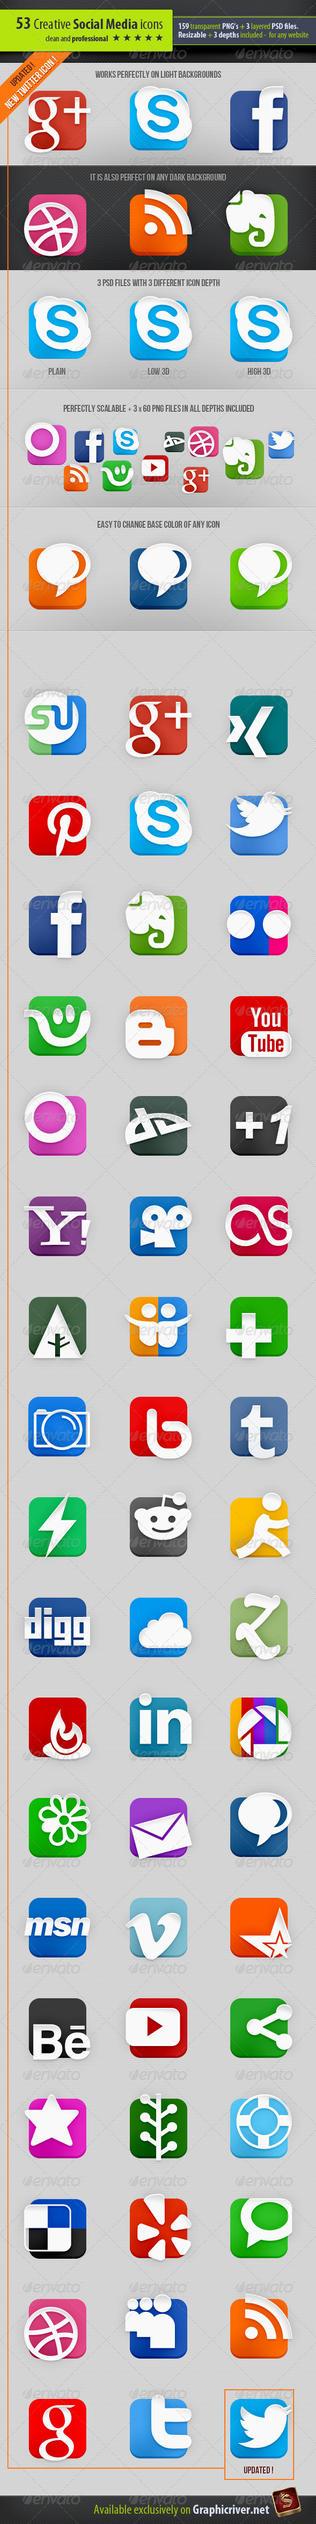 53 Social Media Icons - Creative edition by survivorcz